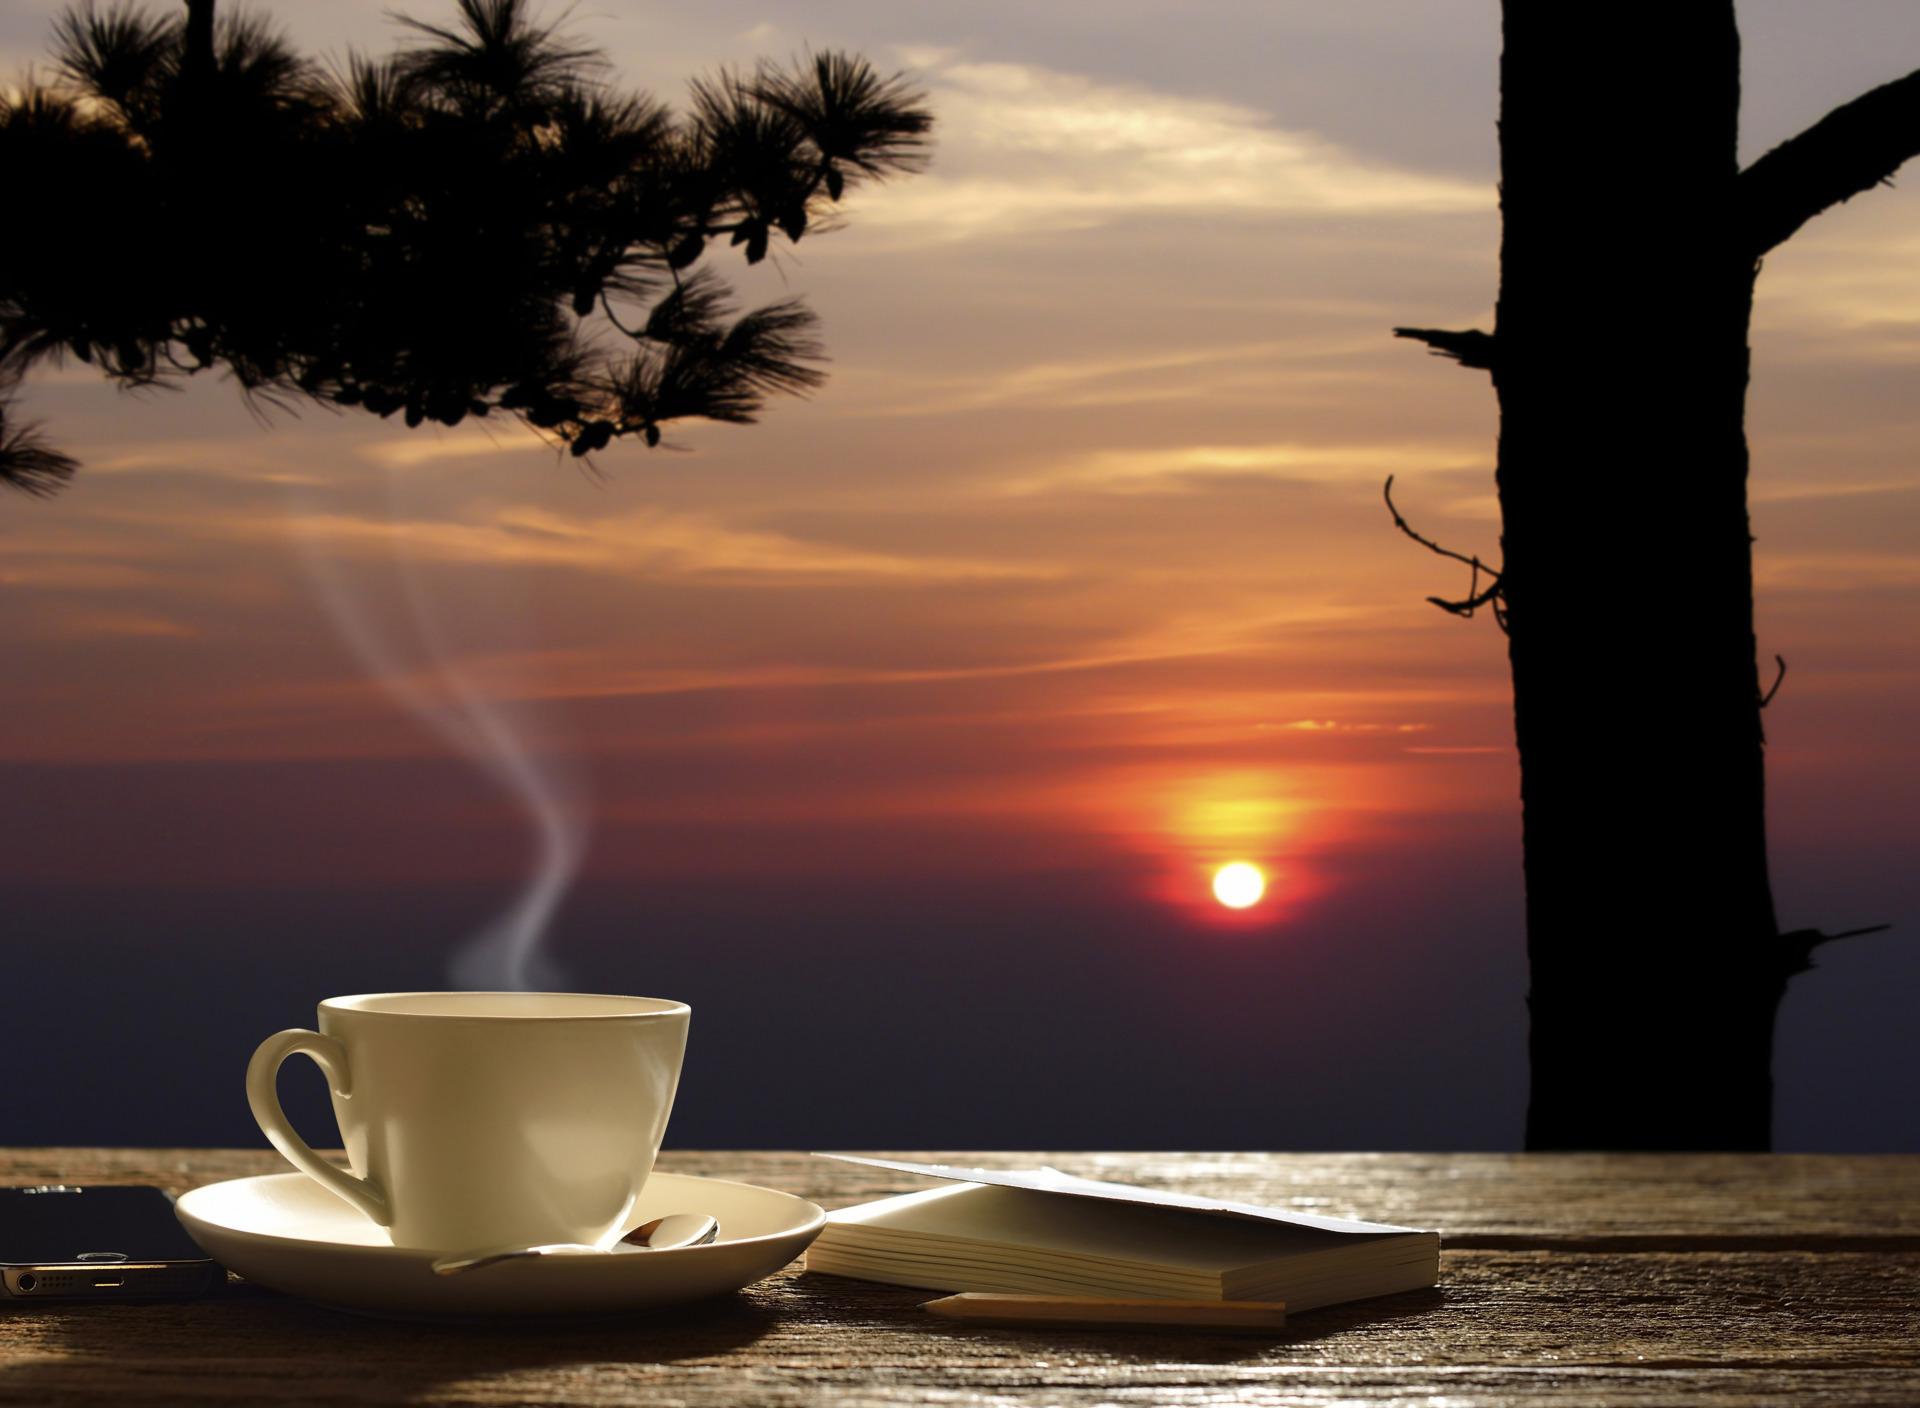 красивые картинки с добрым утром и вечером персонажами